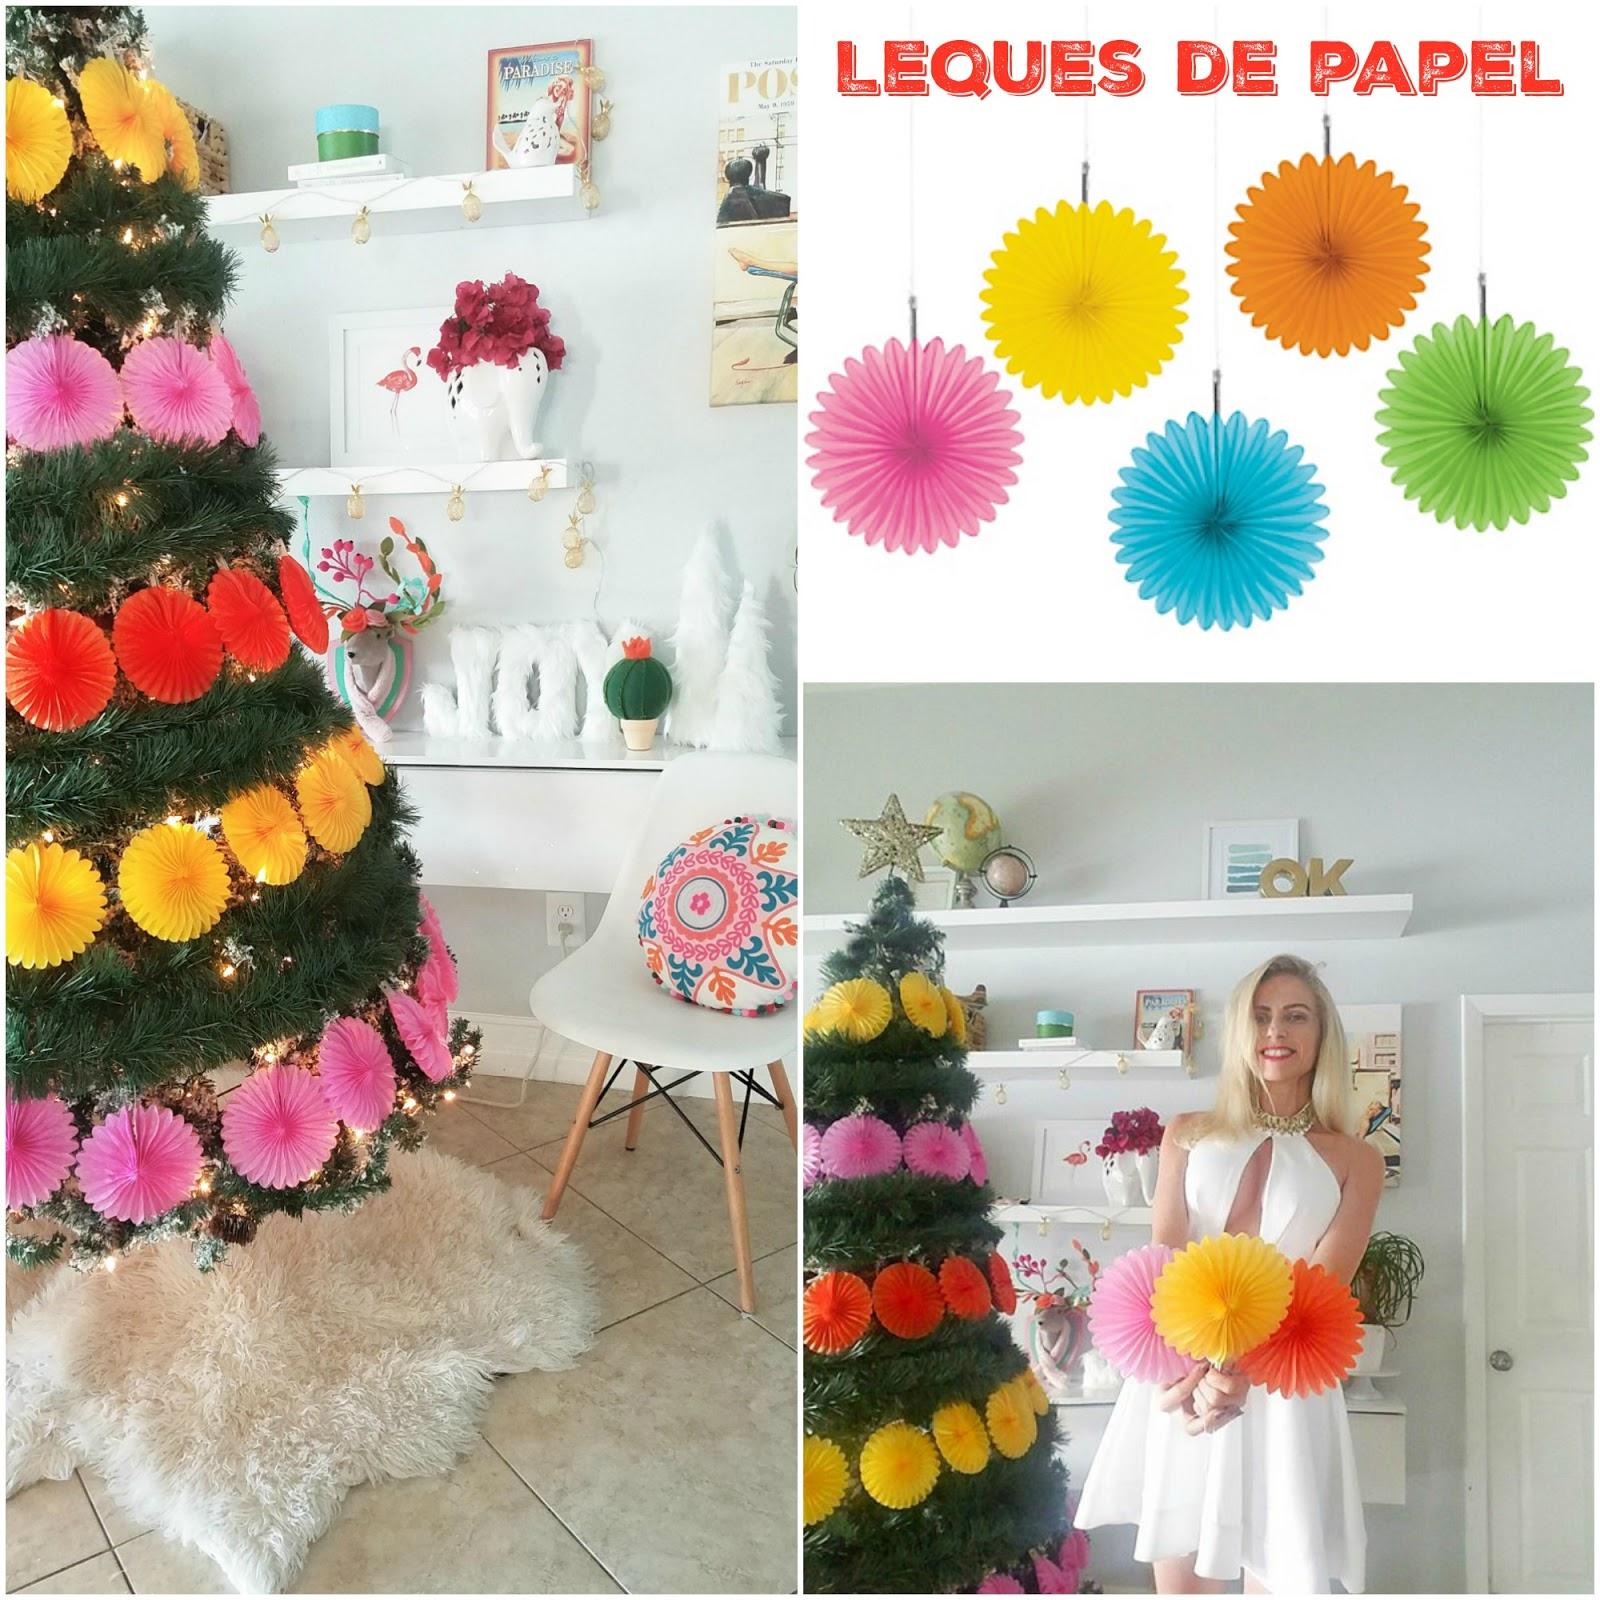 Casa Montada árvore De Natal Decorada Com Leque De Papel